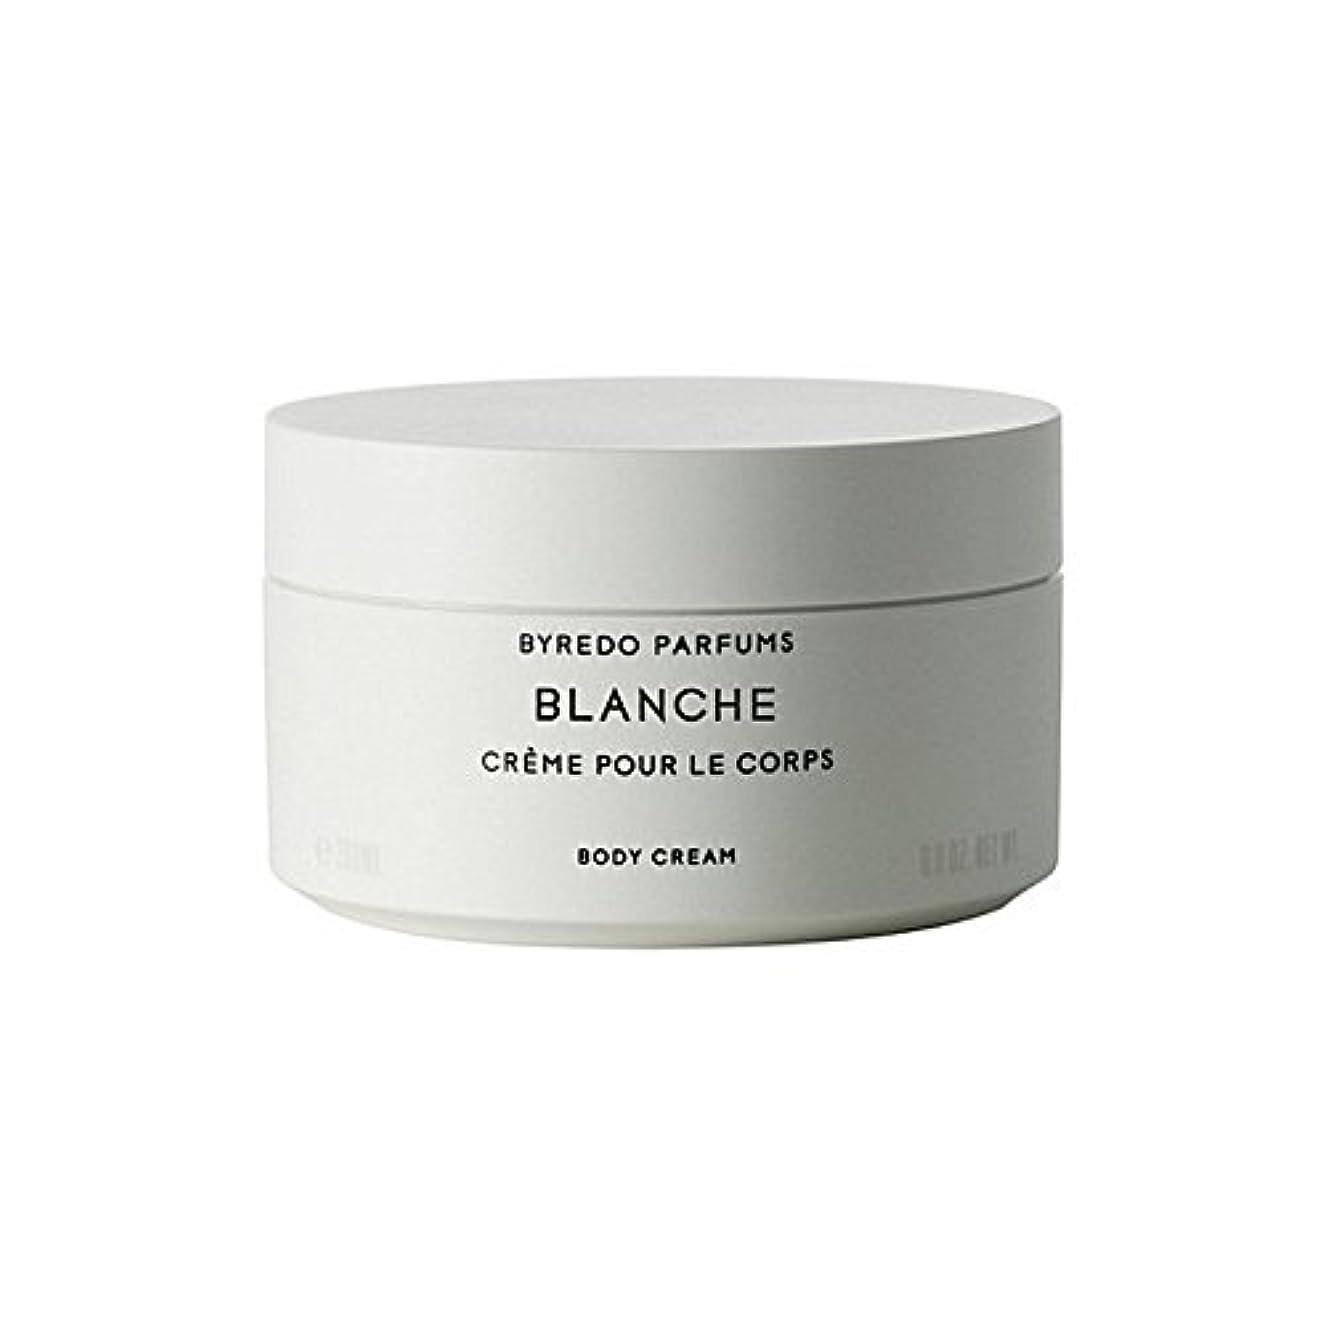 Byredo Blanche Body Cream 200ml - ブランシュボディクリーム200ミリリットル [並行輸入品]